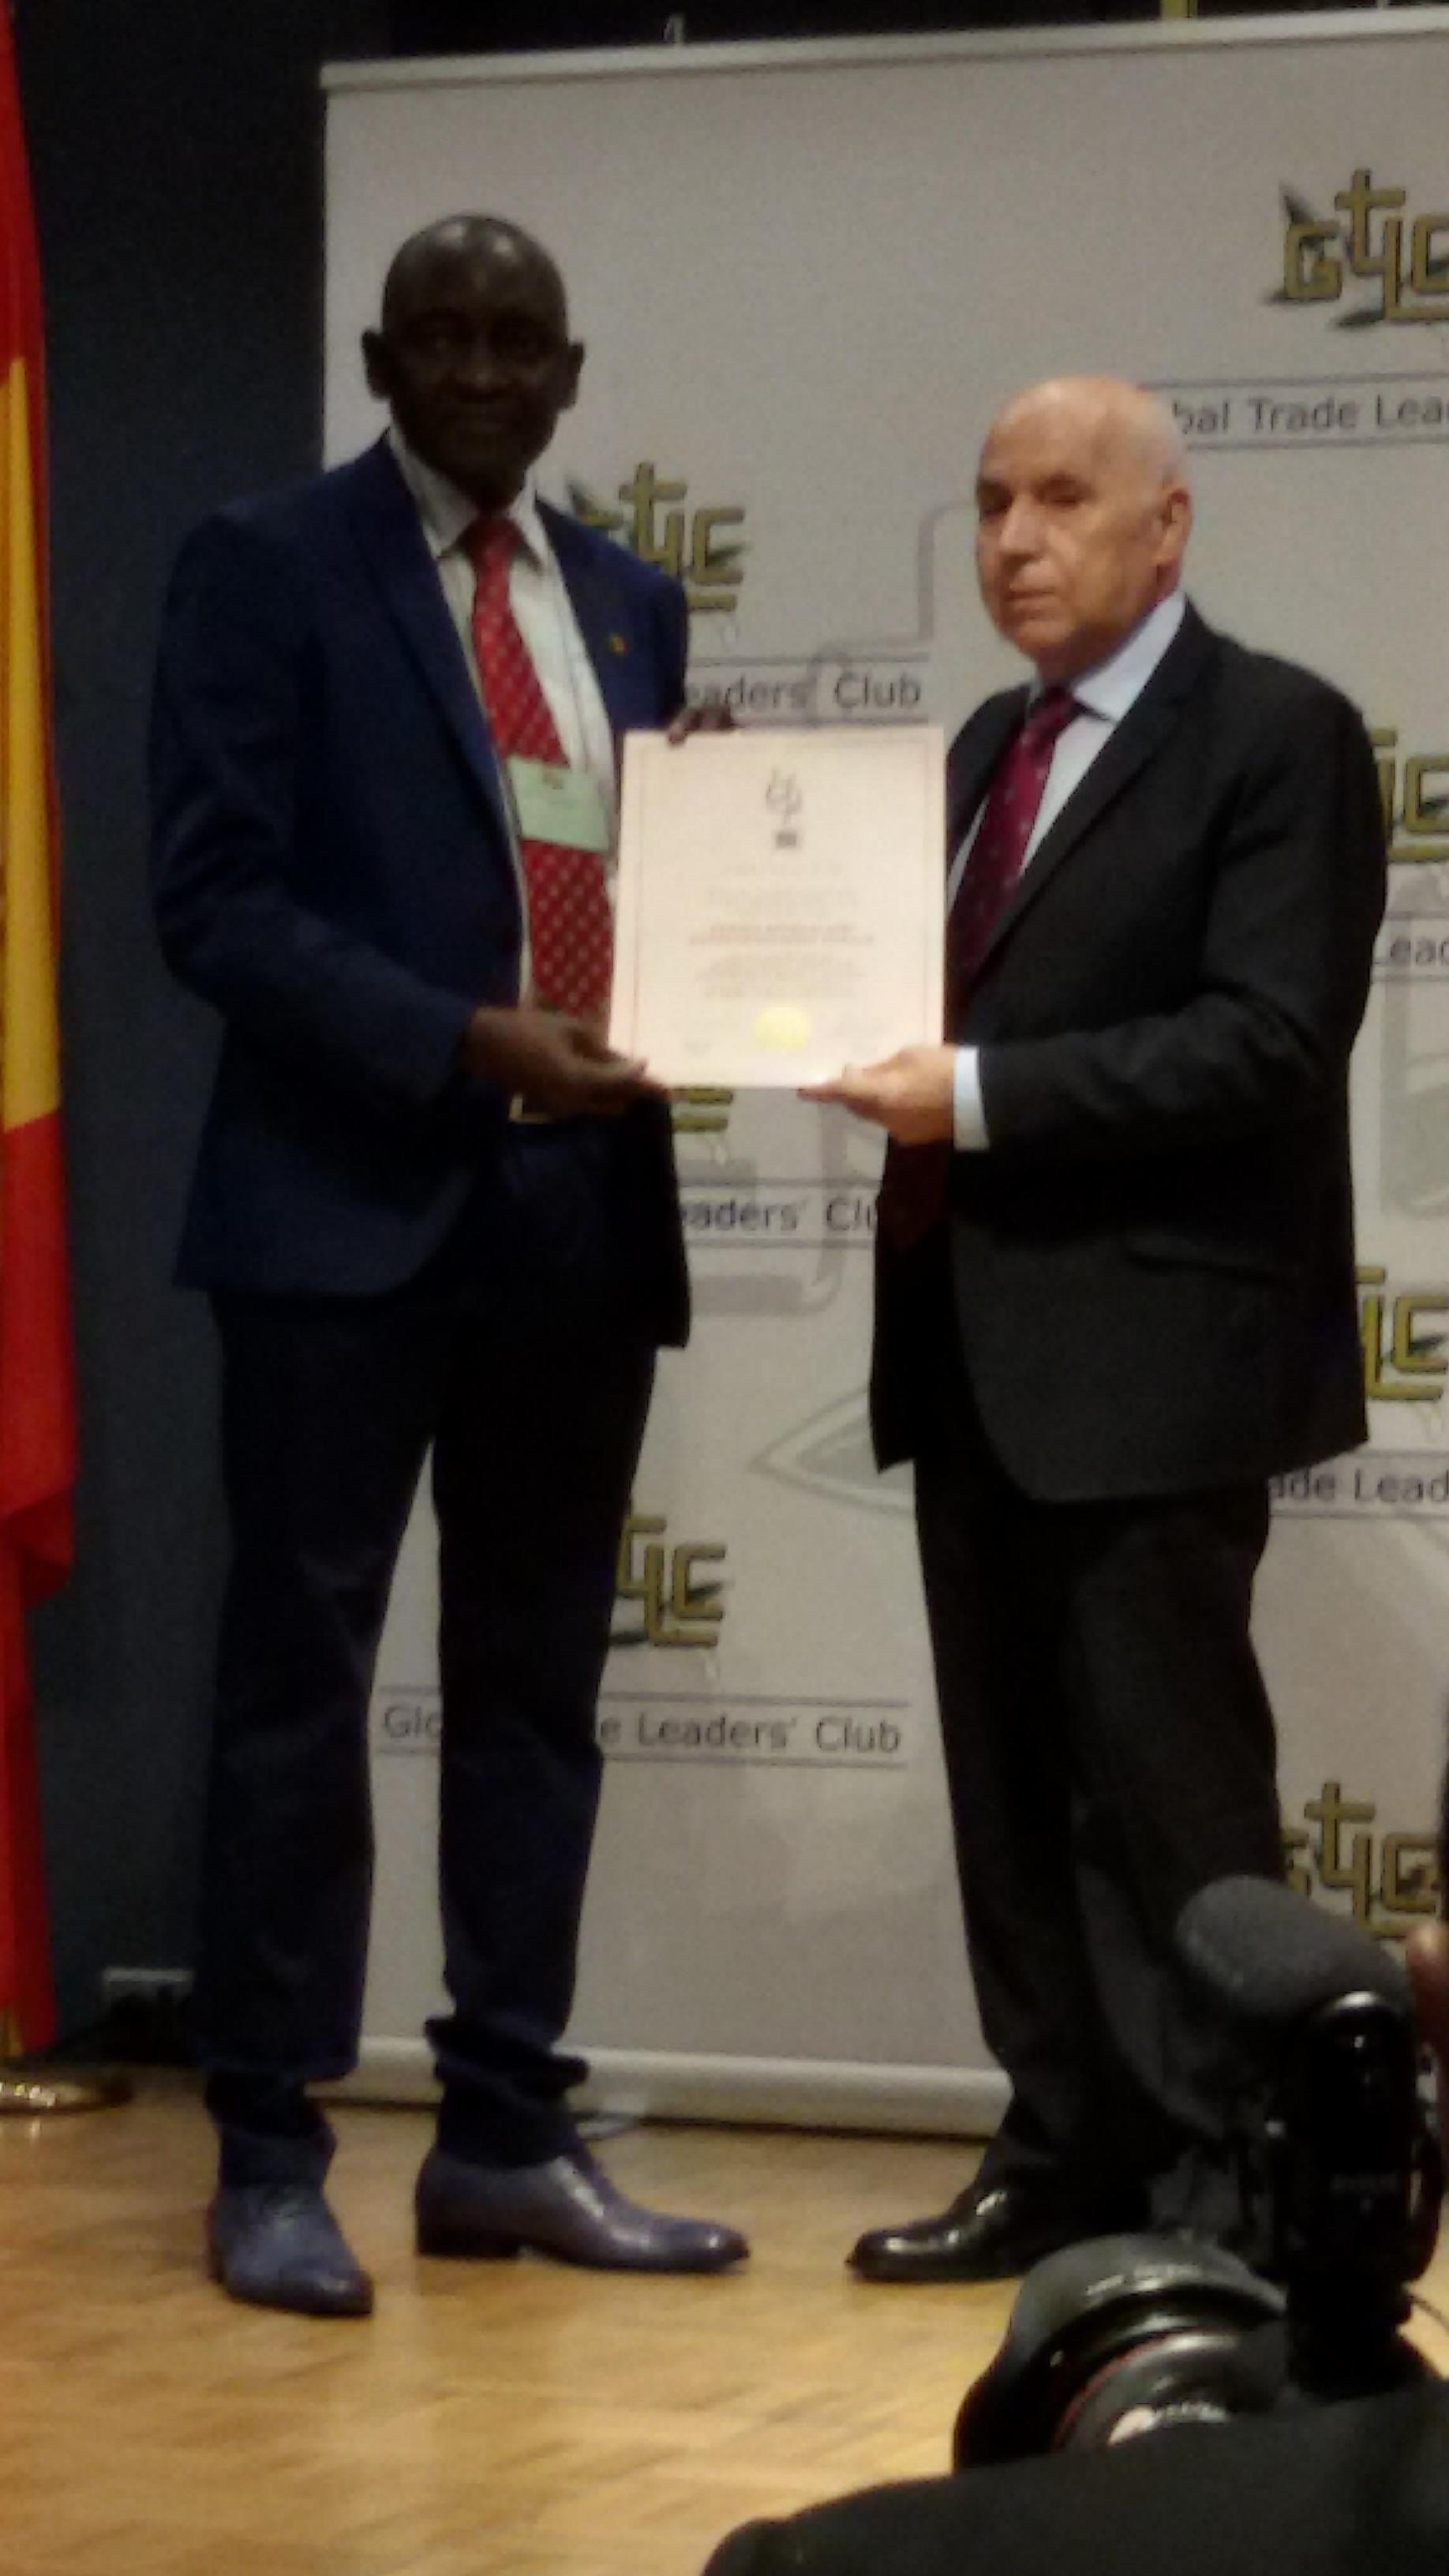 MADRID : L'ASER honorée du trophée international du leadership en image et qualité de l'année 2015